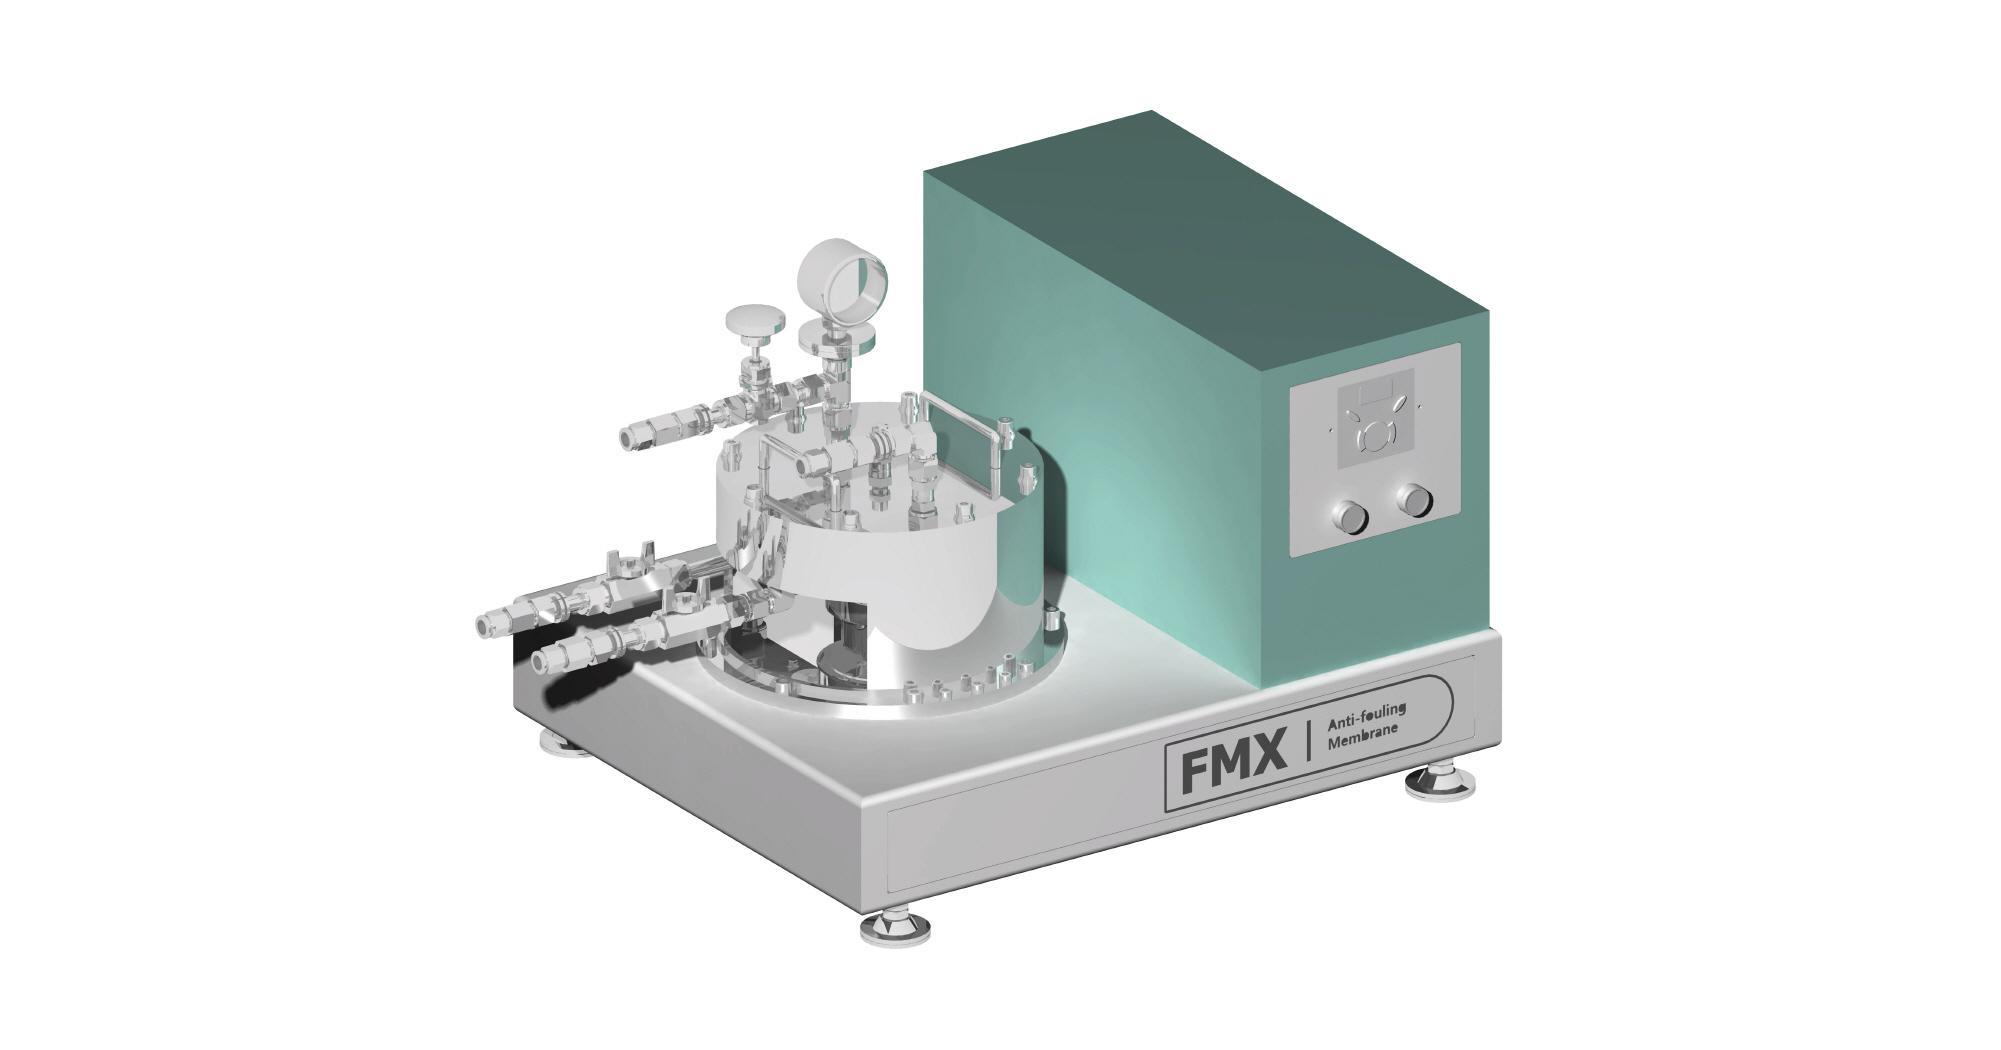 저압/고압 운전용  •MF/UF/NF Membrane 적용가능  •높은 온도와 압력, pH 조건 등 악조건 속 운전 가능  •Lab-test 장비로 막 선정 실험 시 사용  •연구 개발에 다양한 Membrane을 사용할 시 사용  •2~10L 연구용 목적으로 사용저압/고압 운전용  •MF/UF/NF Membrane 적용가능  •높은 온도와 압력, pH 조건 등 악조건 속 운전 가능  •Lab-test 장비로 막 선정 실험 시 사용  •연구 개발에 다양한 Membrane을 사용할 시 사용  •2~10L 연구용 목적으로 사용